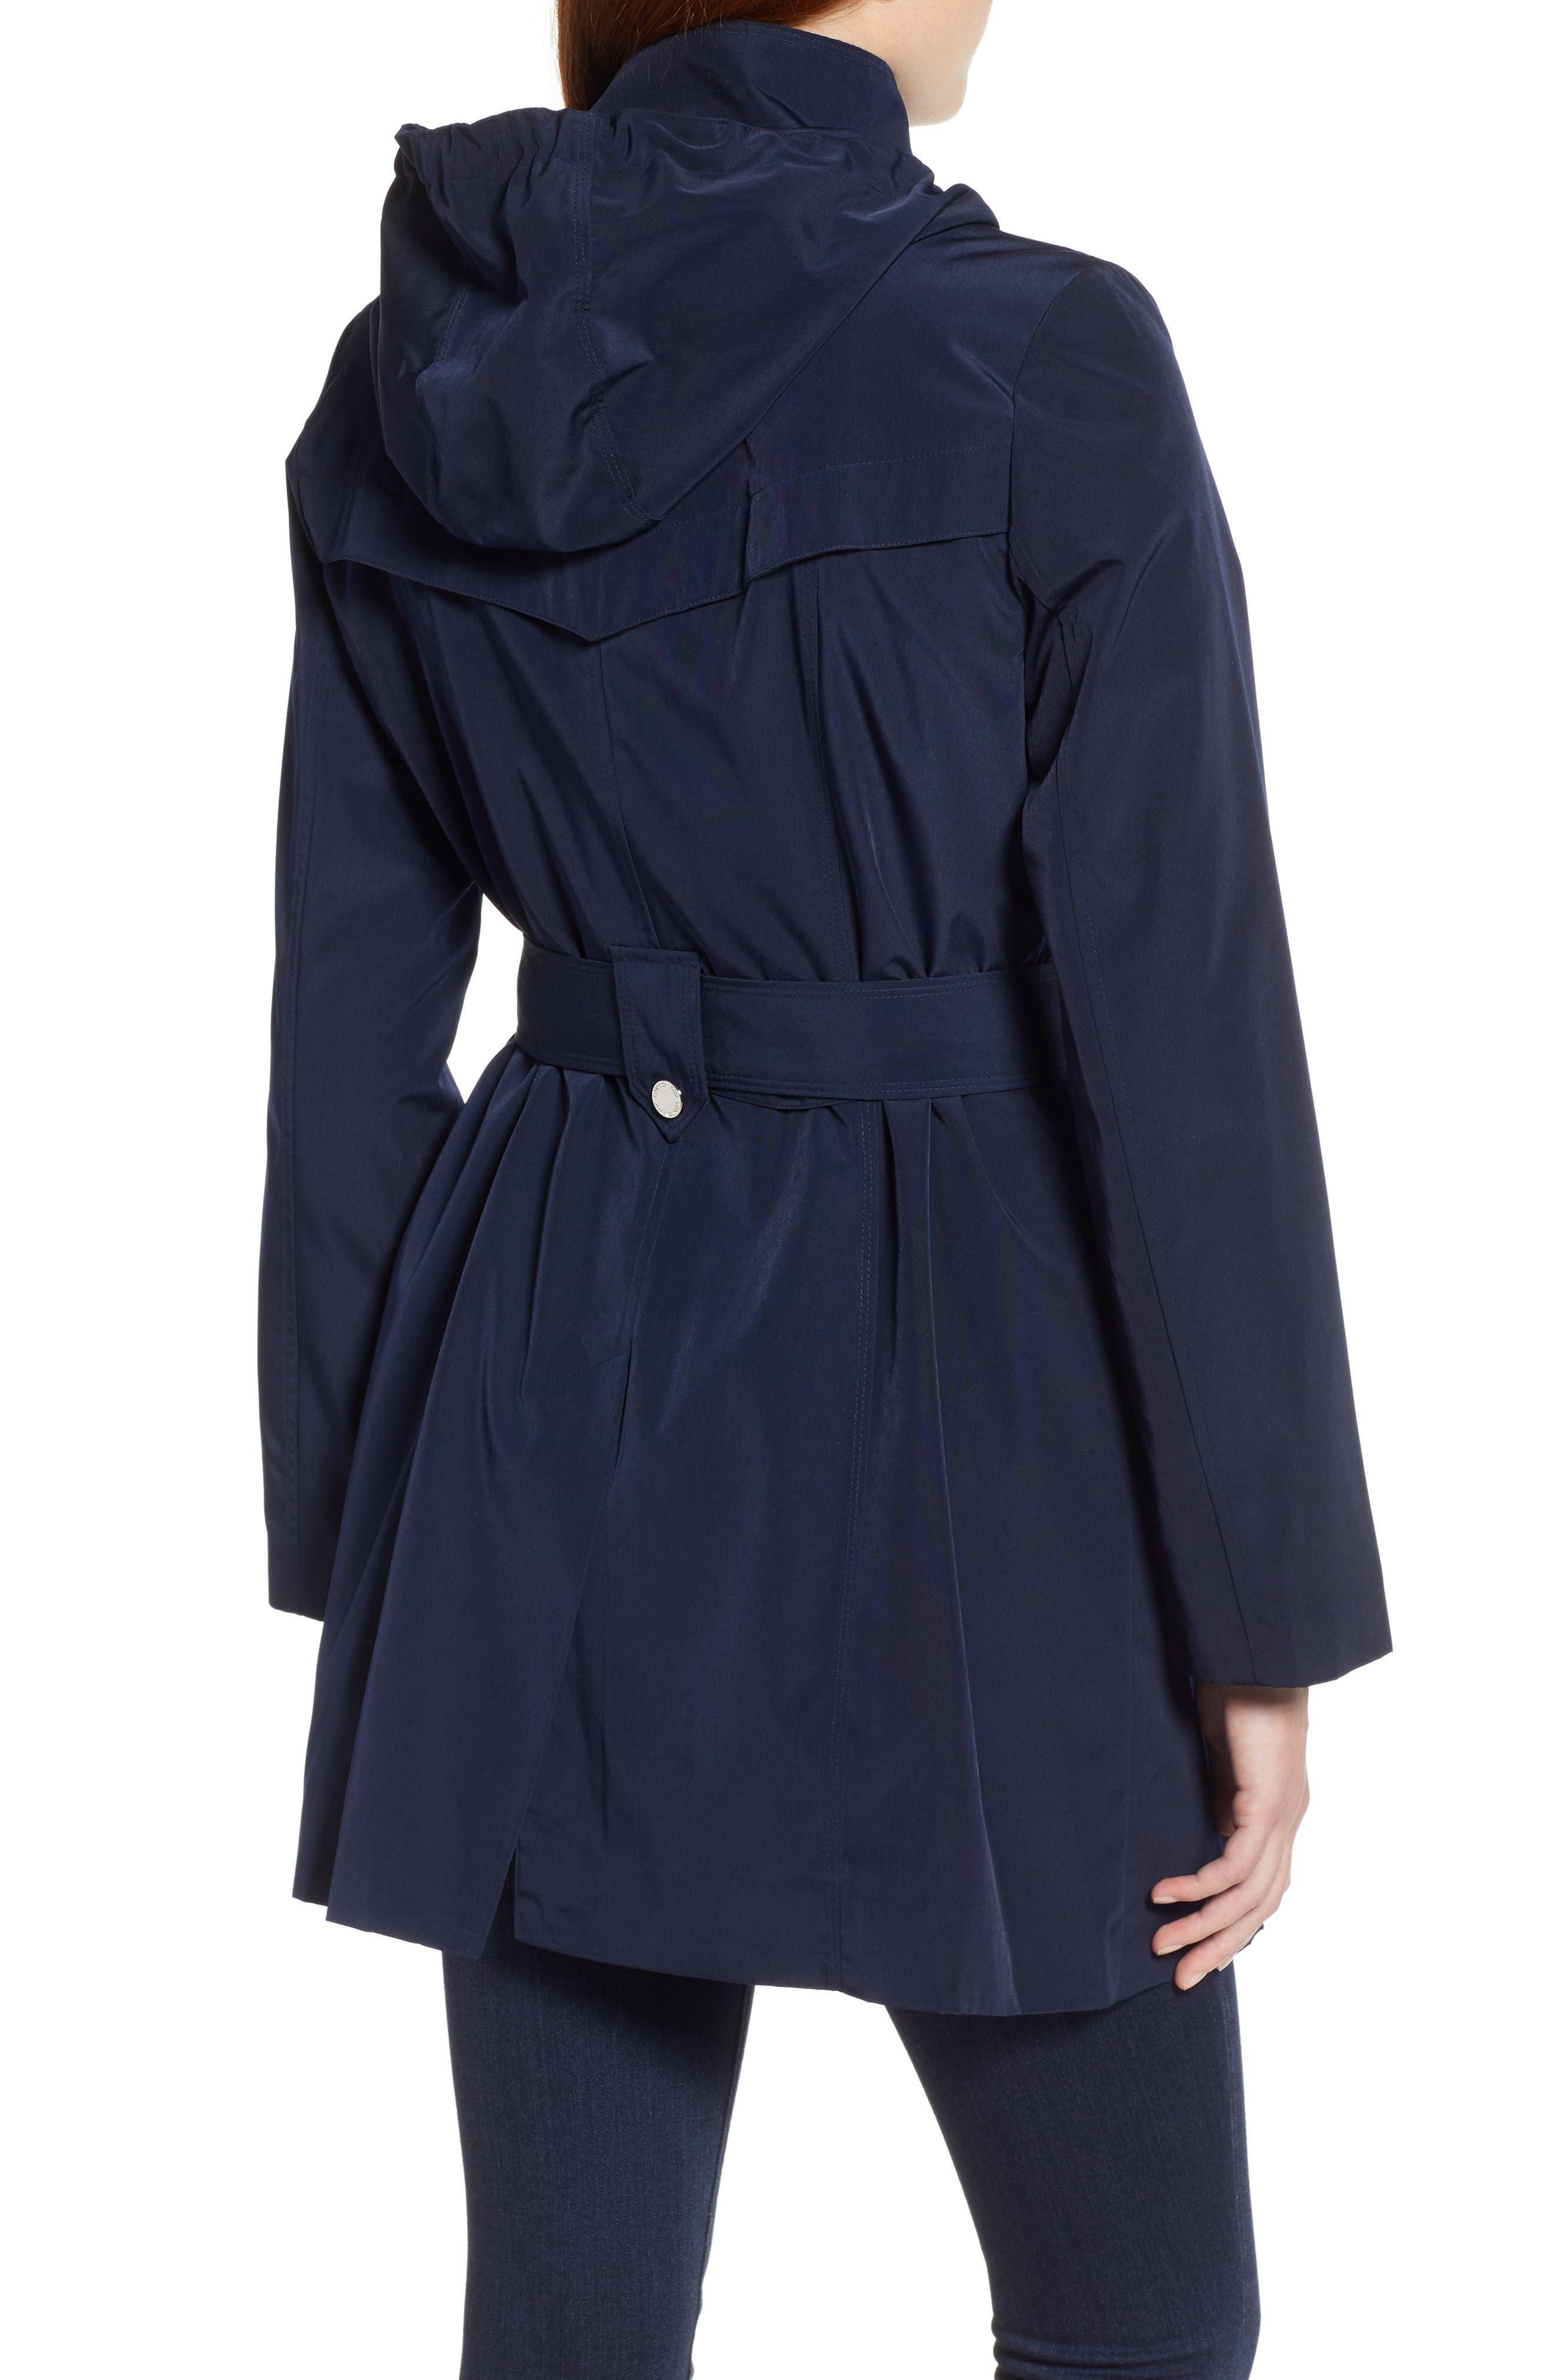 LONDON FOG, Hooded Trench Coat, Alternate thumbnail 2, color, NAVY